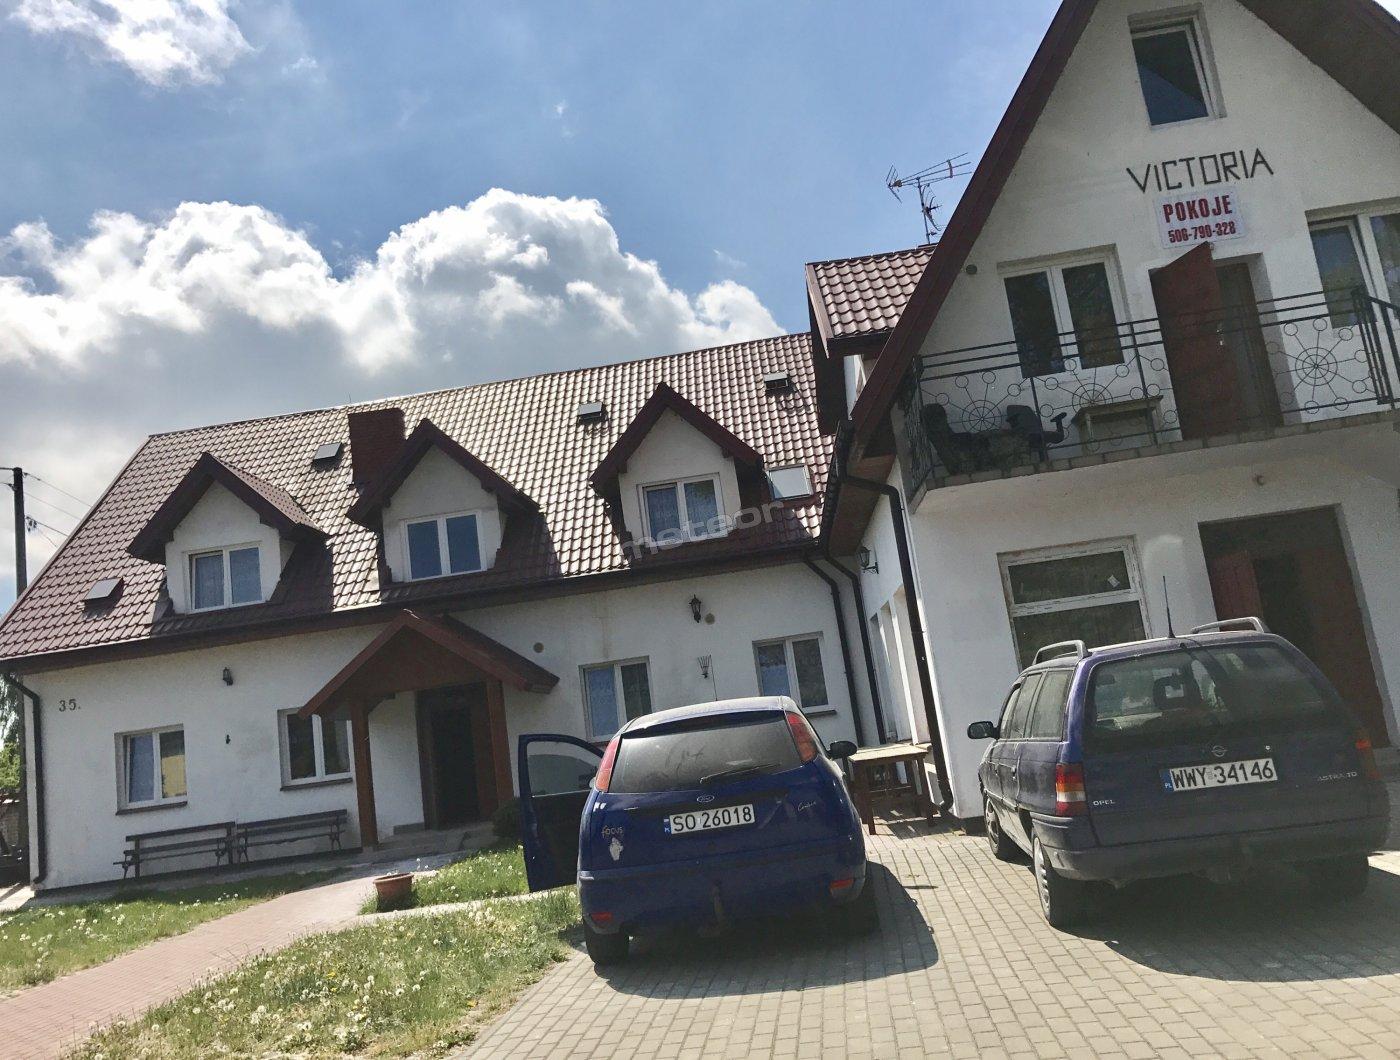 Dom Wczasowy Victoria